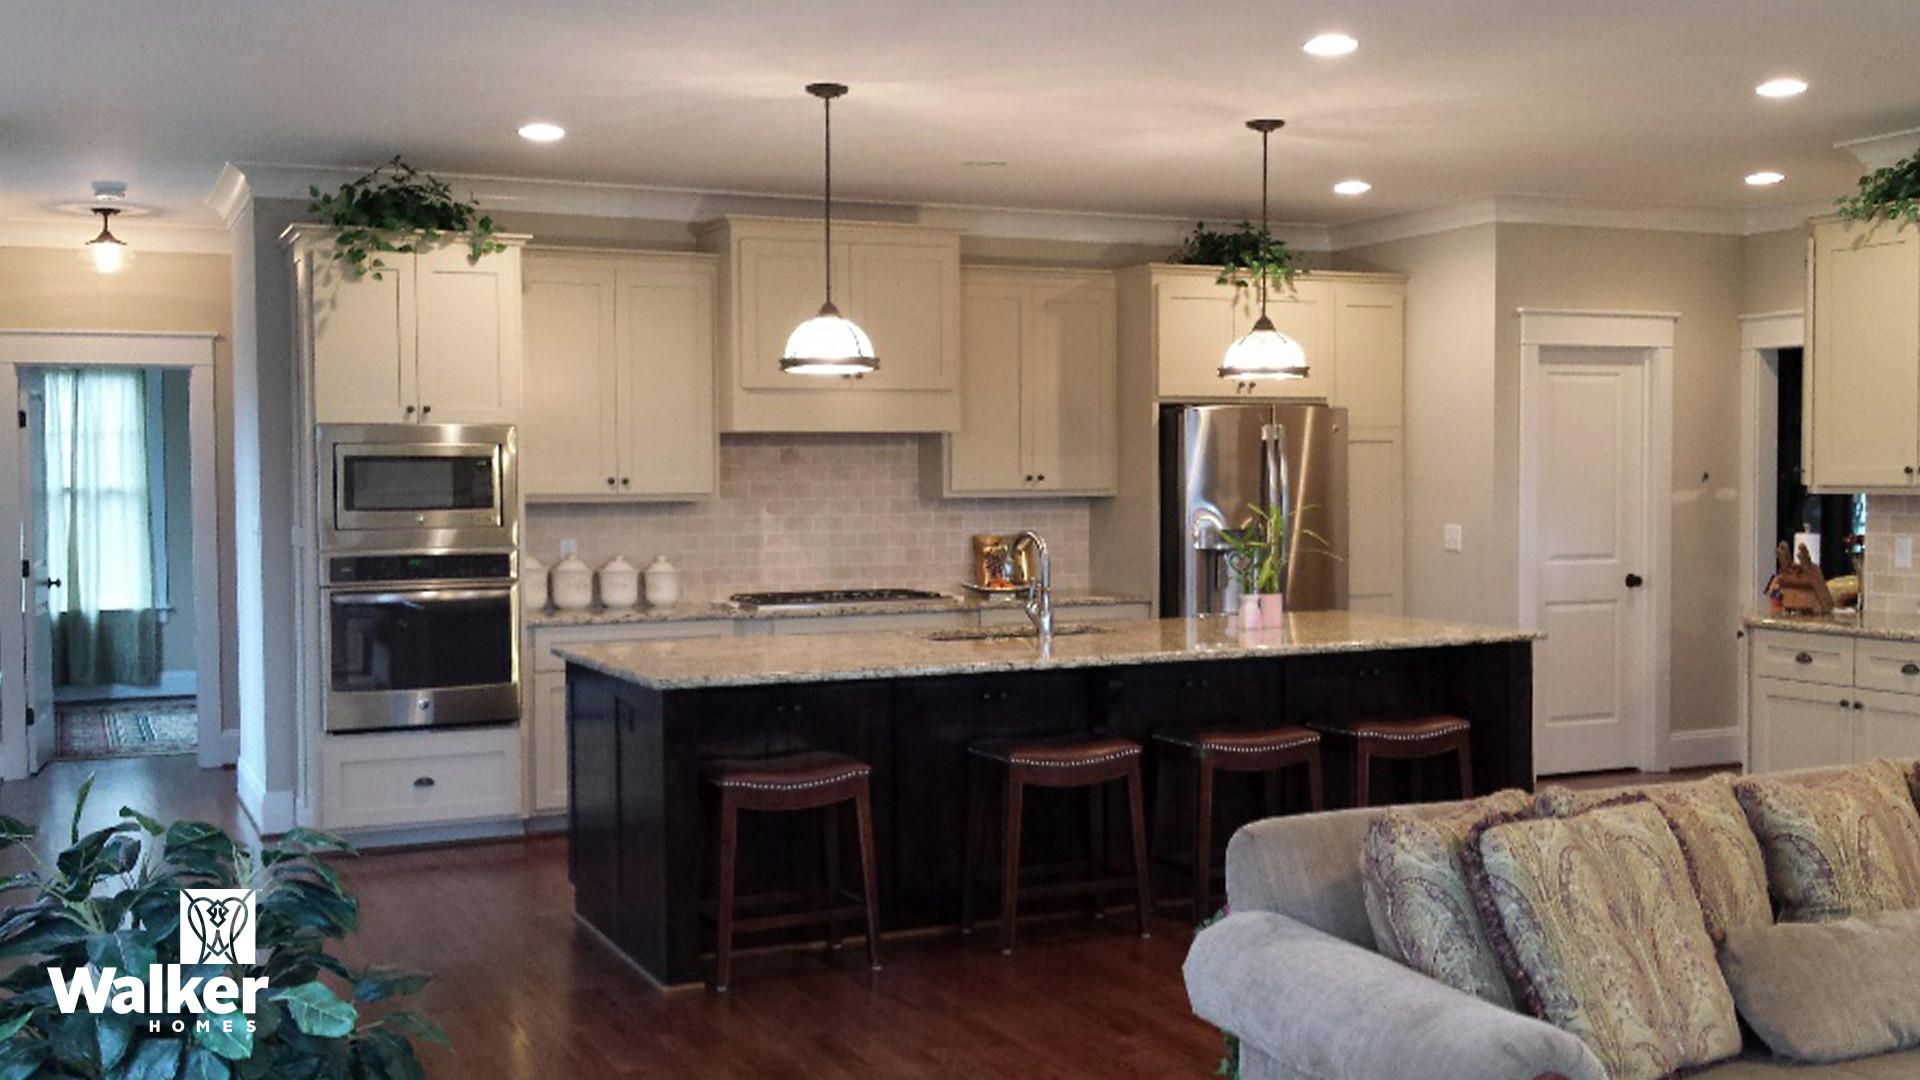 The Winstead II Kitchen by Walker Homes in Glen Allen, Virginia